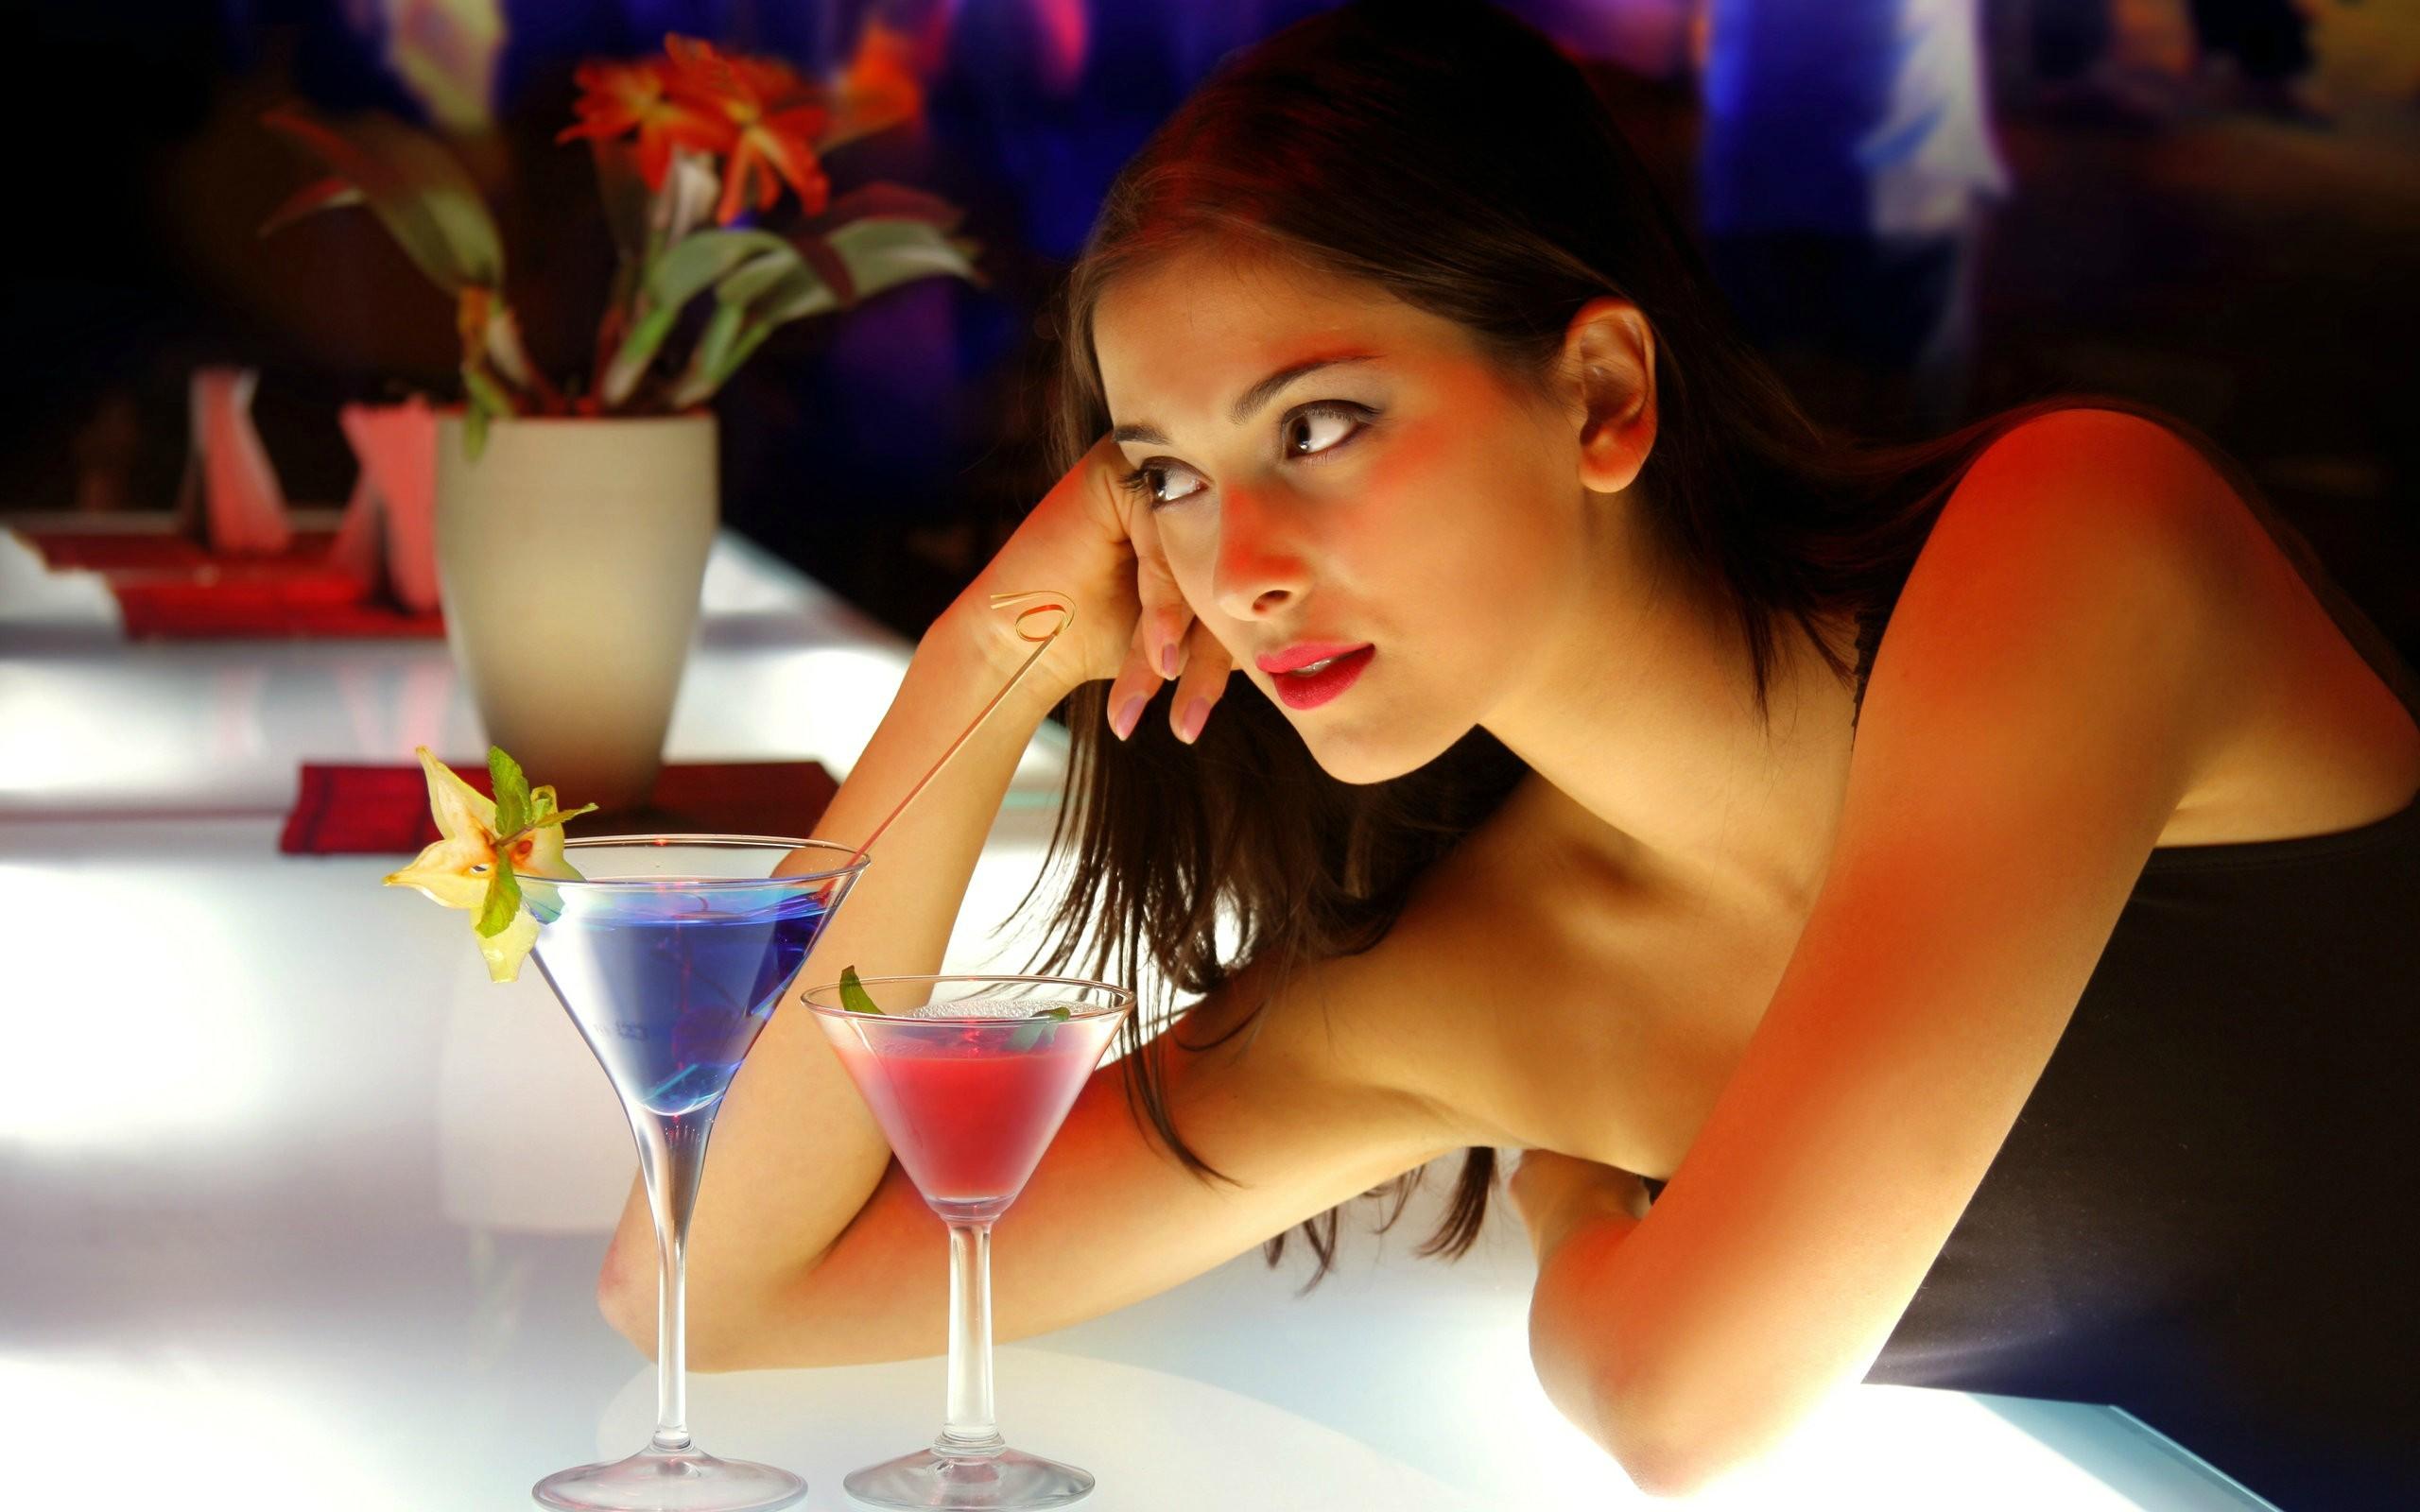 Tek gecelik ilişki yaşamak isteyenlerin dikkat etmesi gereken 10 önemli kural